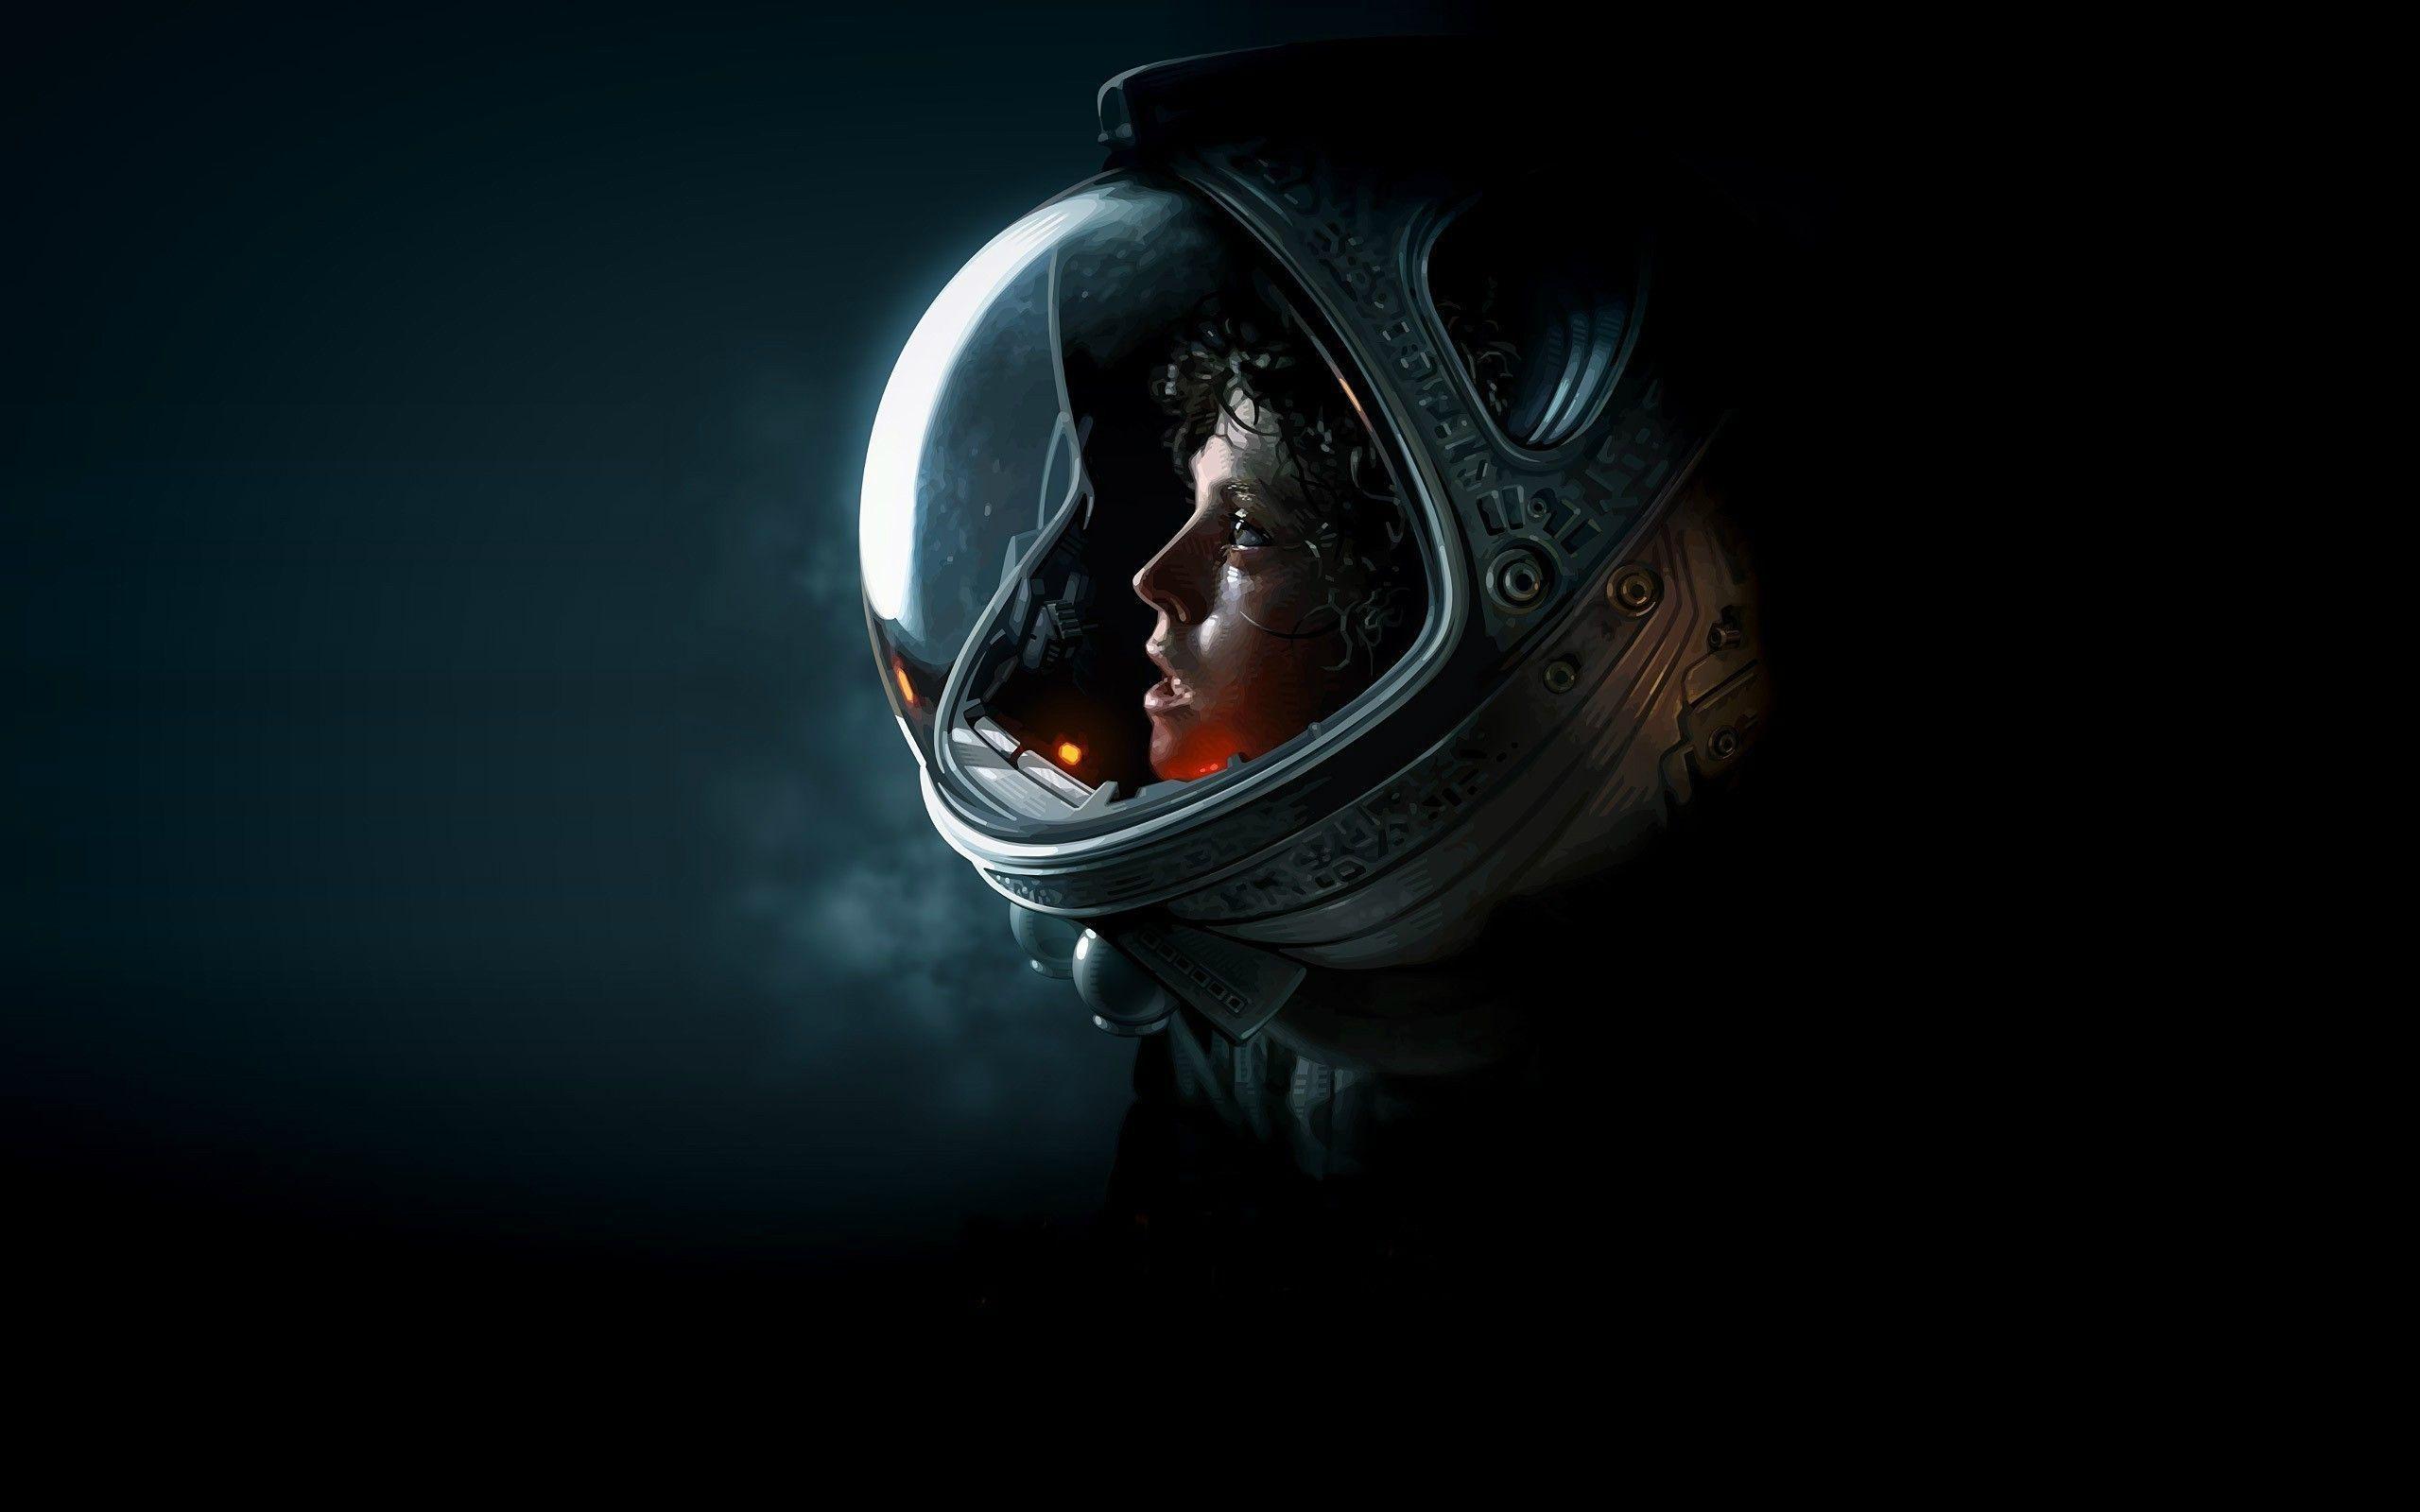 Alien Movie Hd Wallpapers Top Free Alien Movie Hd Backgrounds Wallpaperaccess